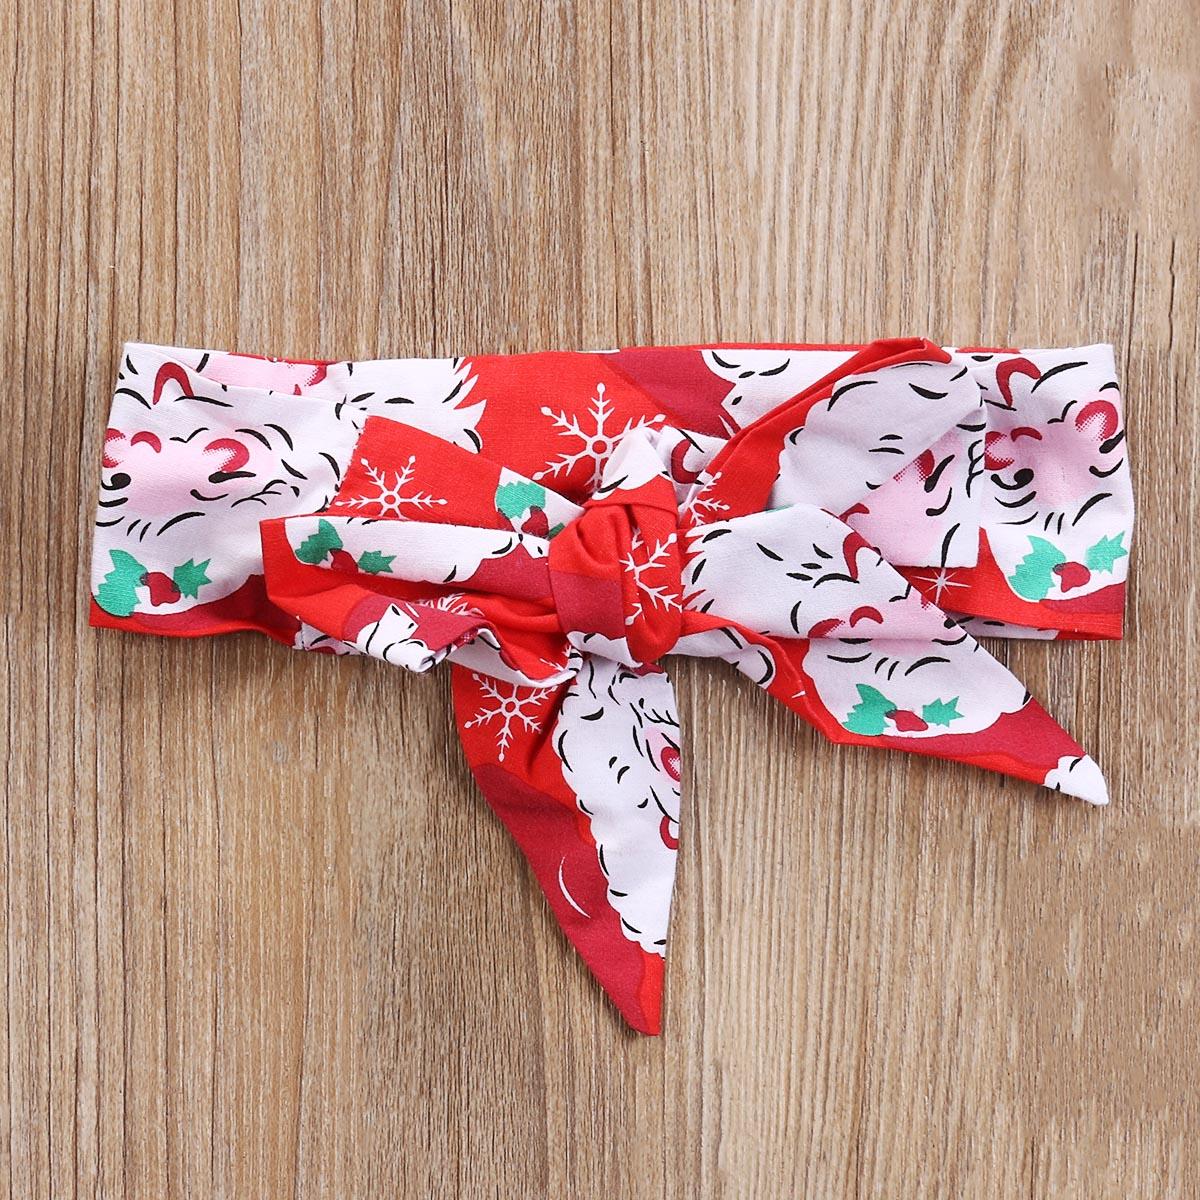 Atemberaubend Top Mädchen Weihnachtsgeschenke 2014 Bilder ...